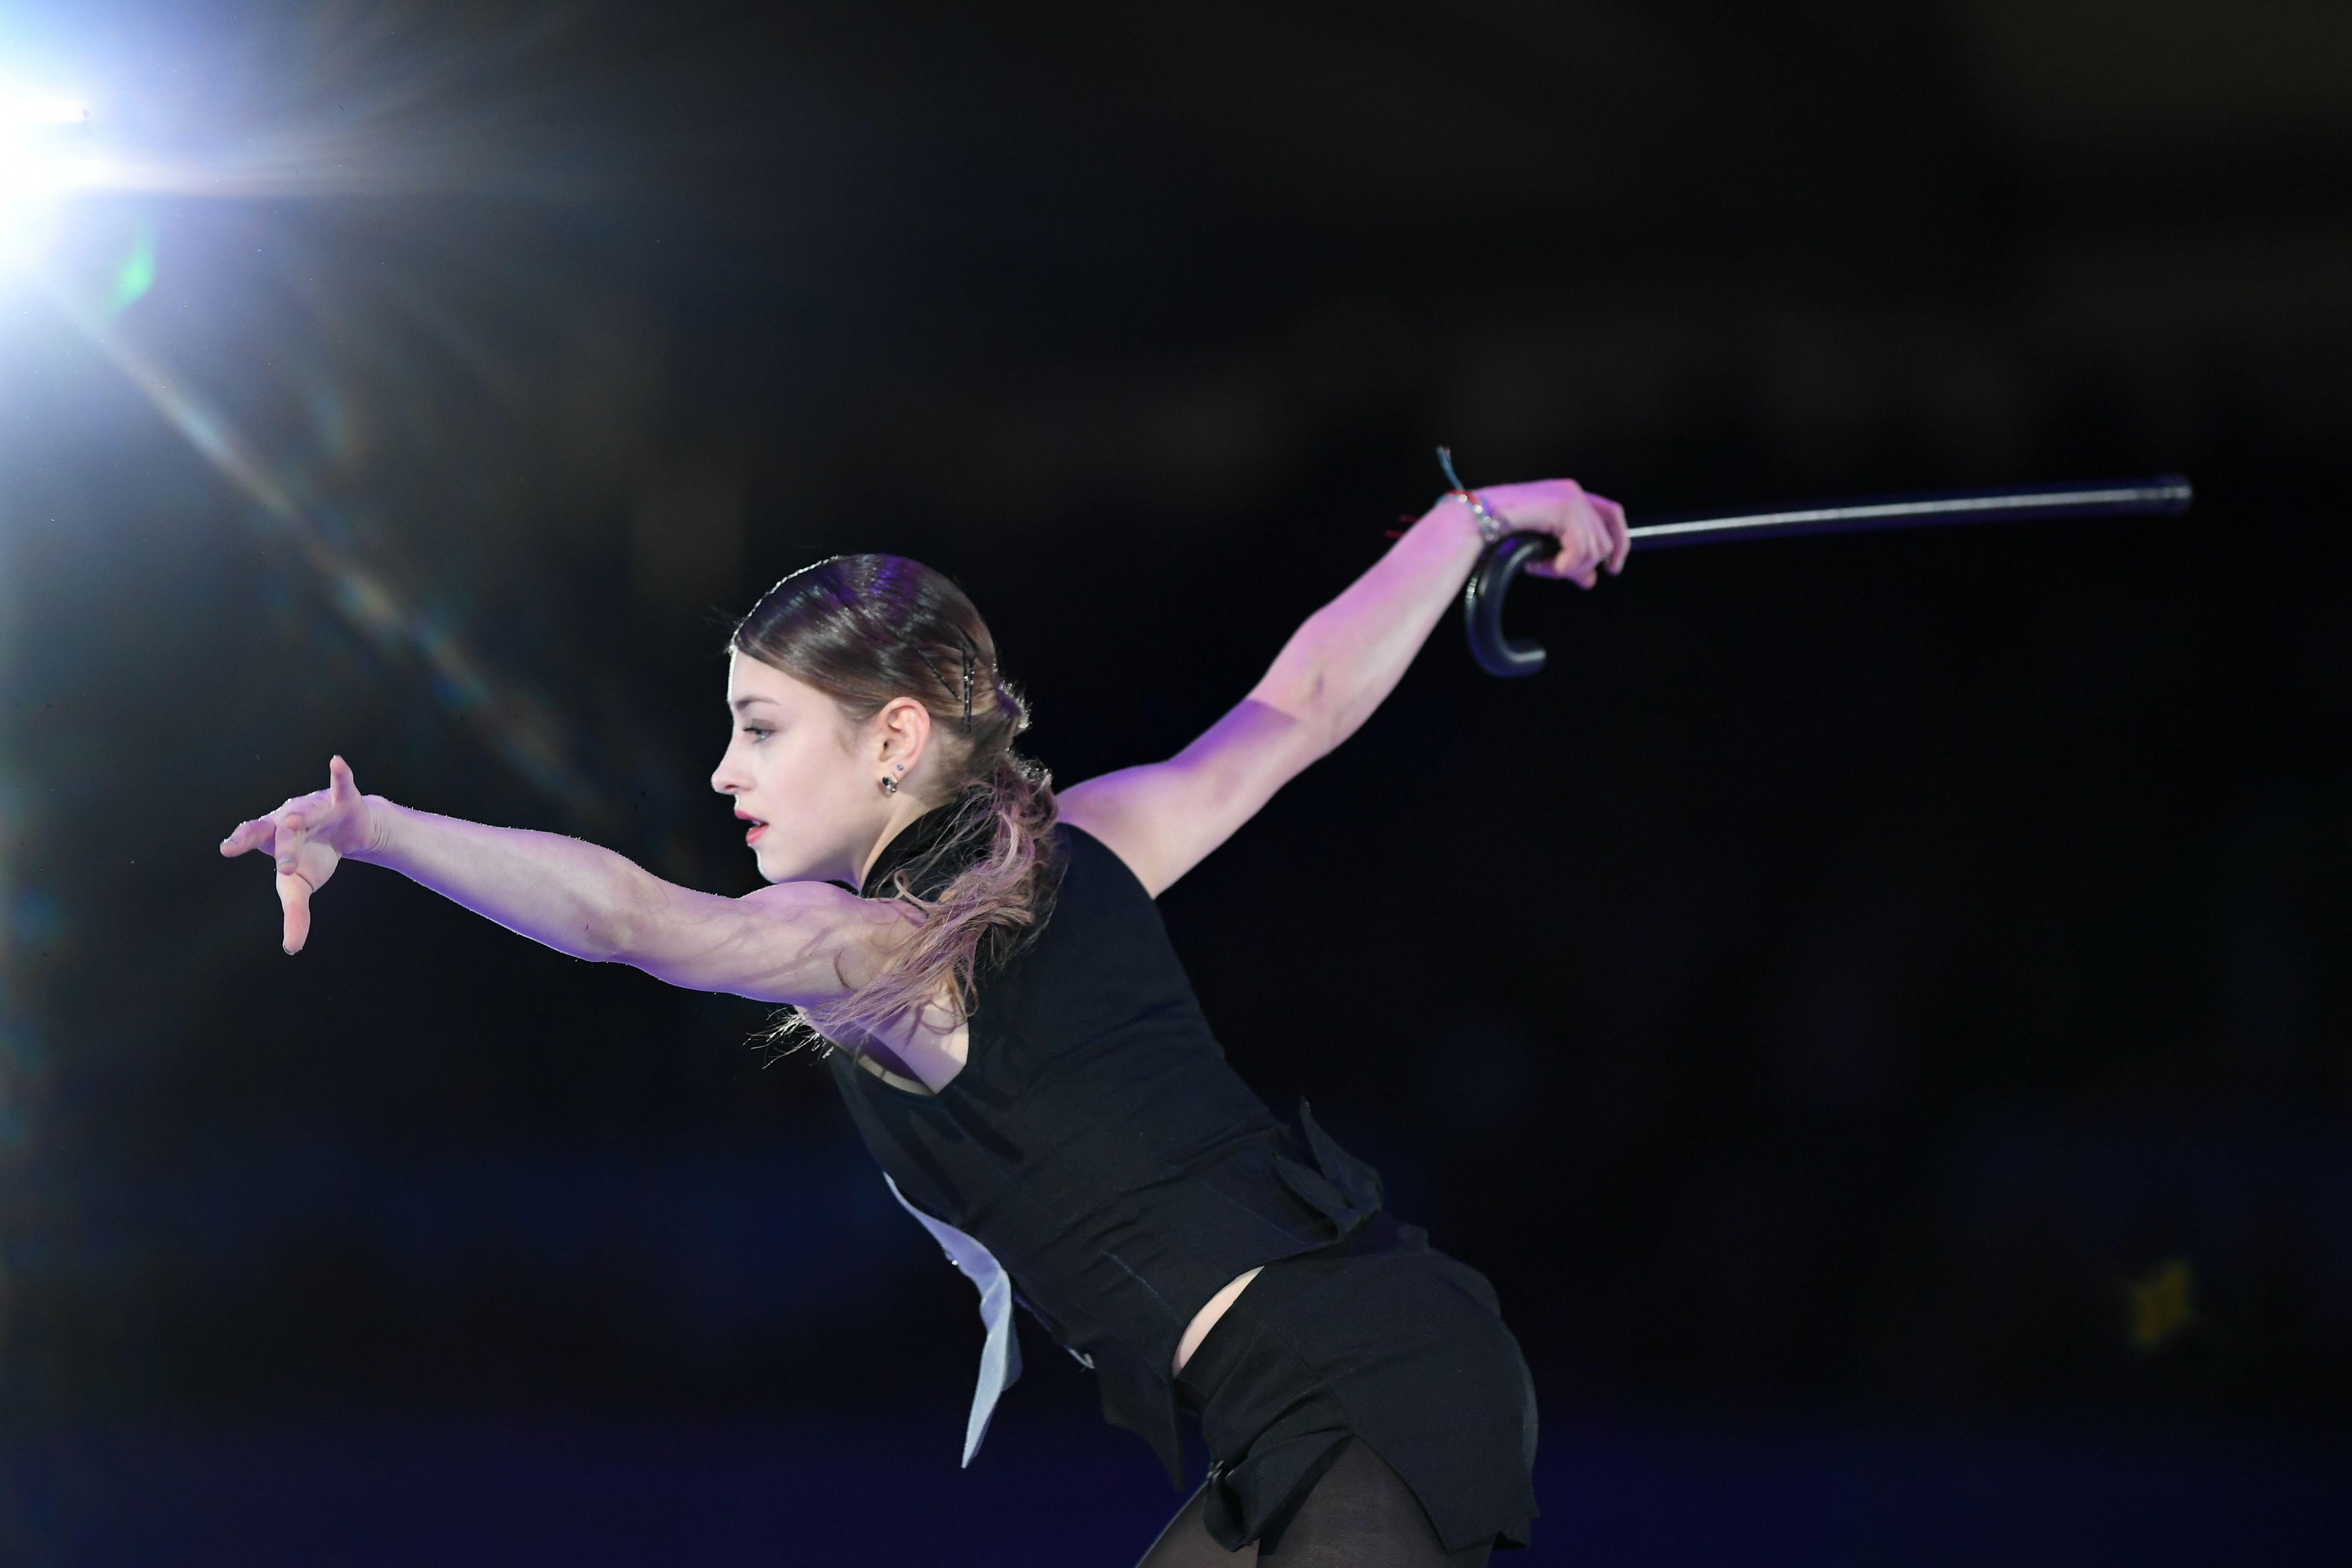 Косторная обошла Трусову по итогам короткой программы на Гран-при России: все результаты